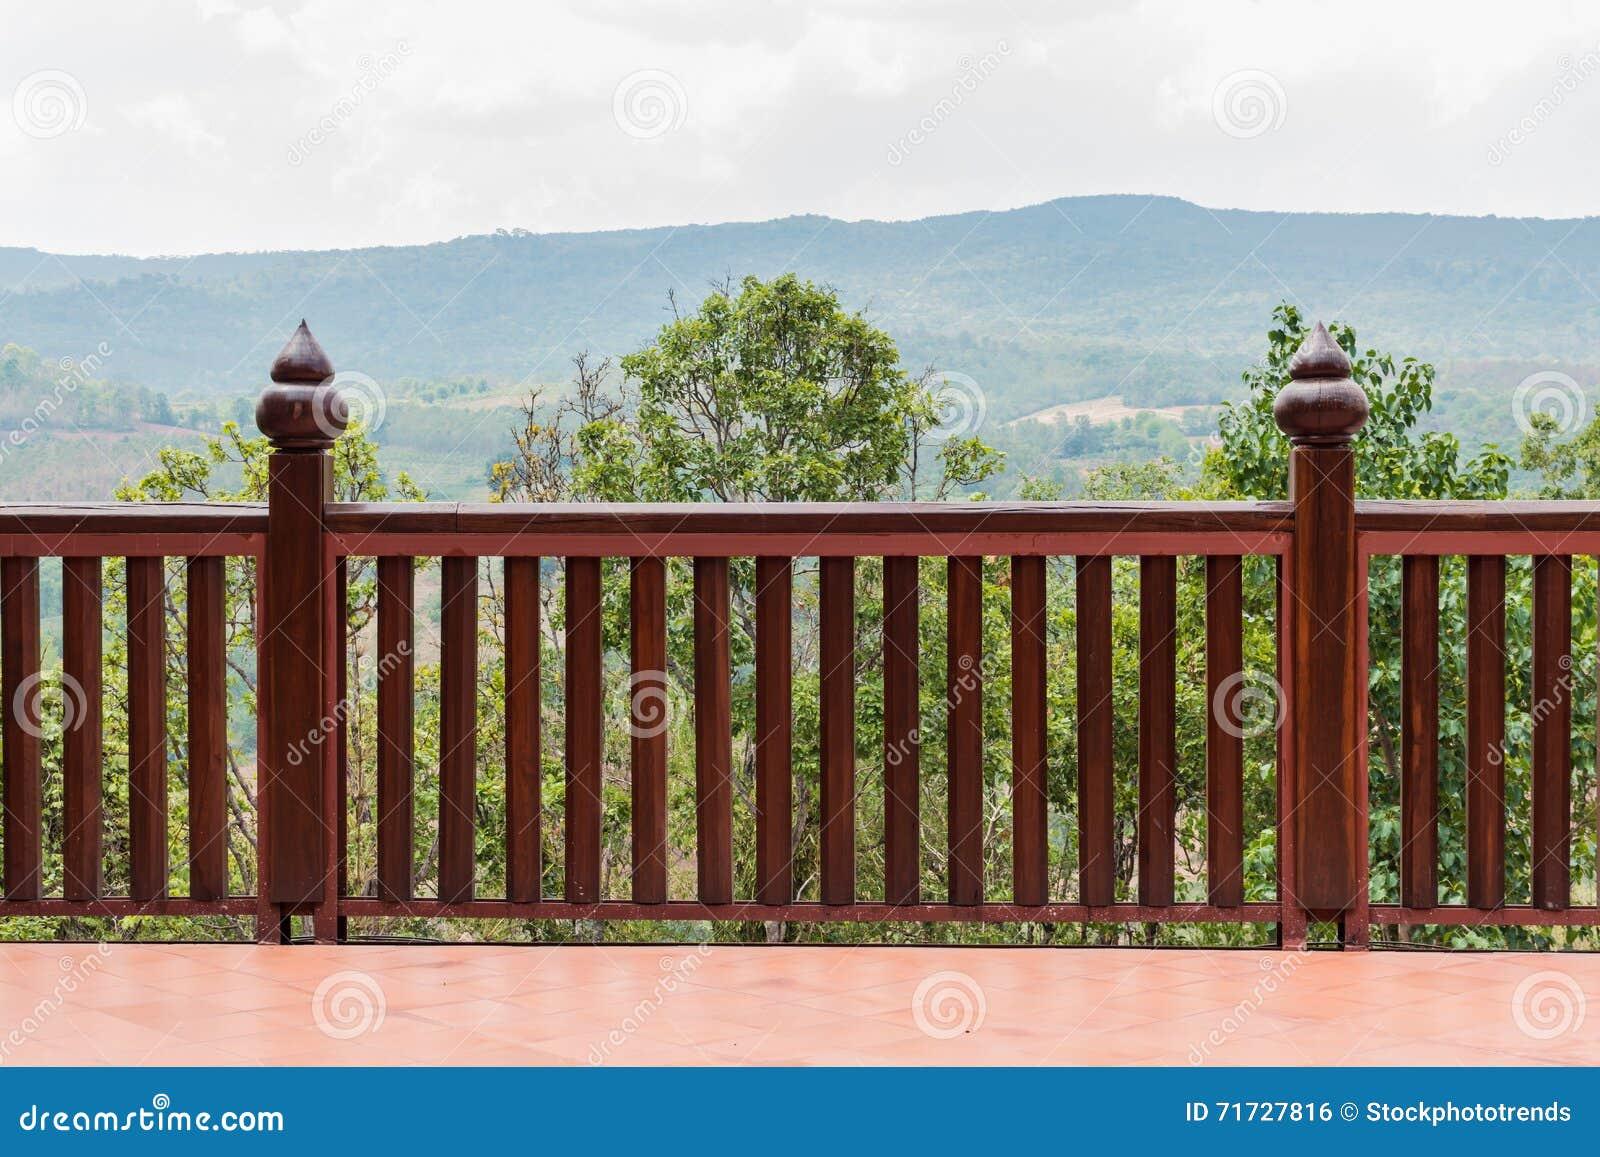 Balcones de madera alrededor del templo en la colina foto de archivo imagen 71727816 - Balcones de madera ...